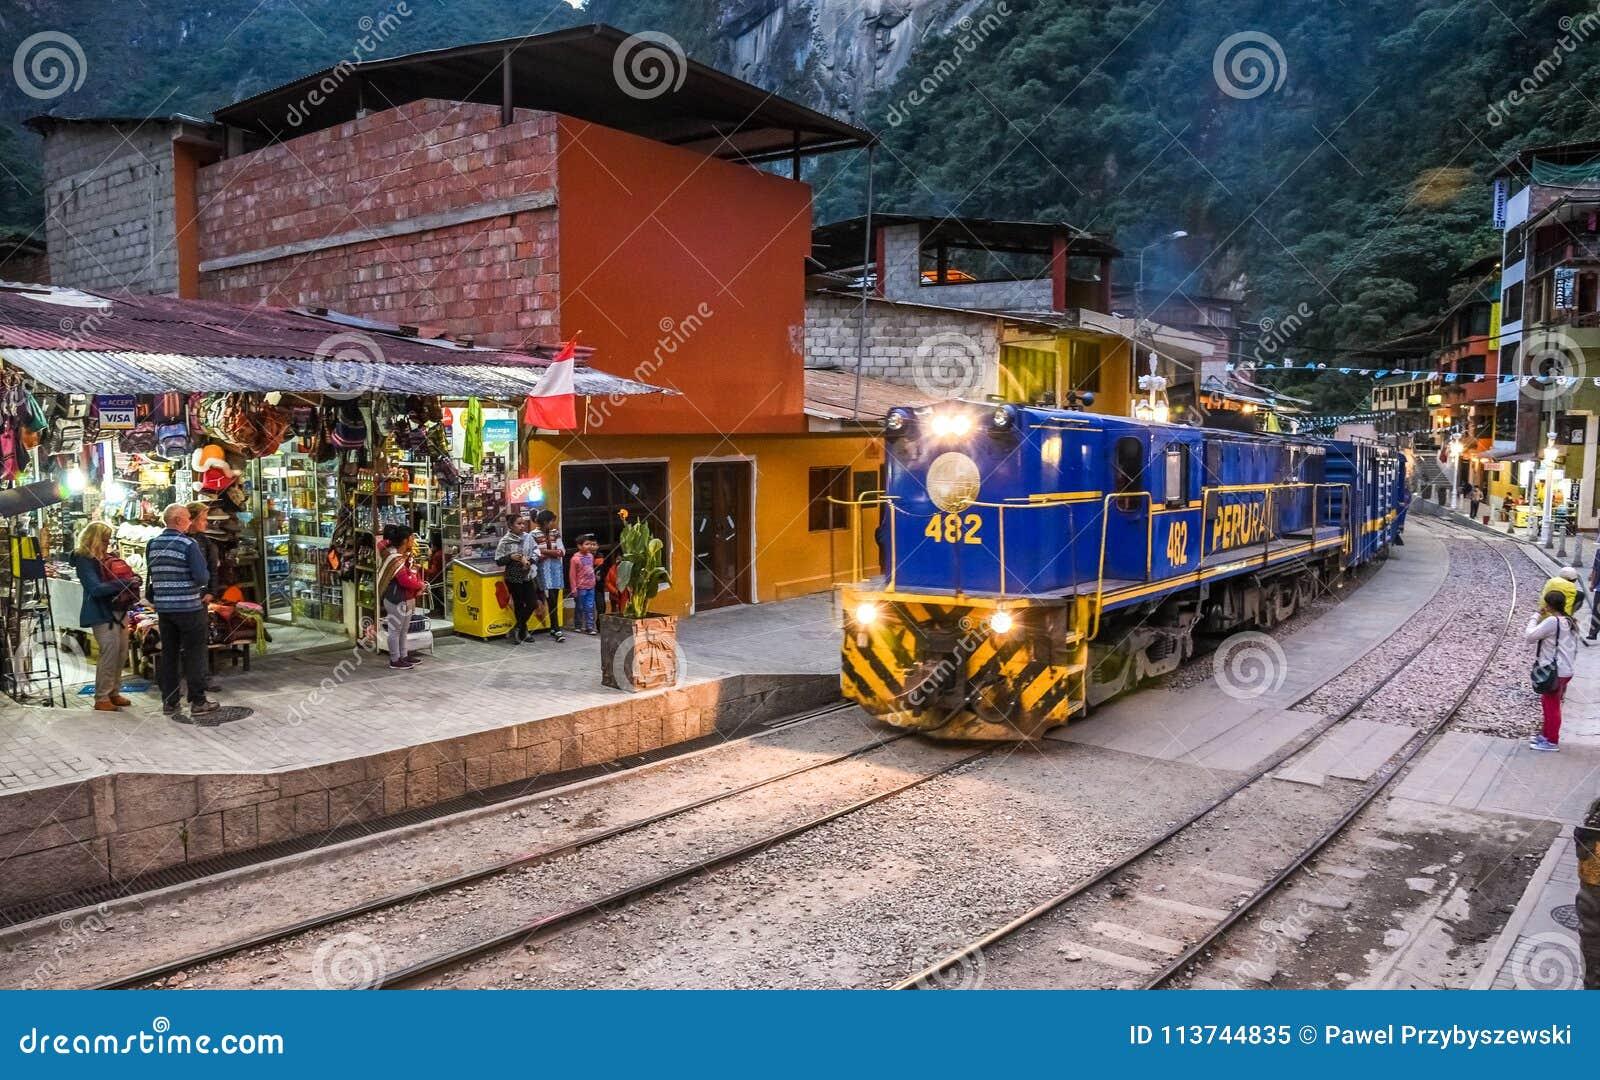 Aguas Calientes/Cusco/Machu Picchu /Peru 07 15 2017